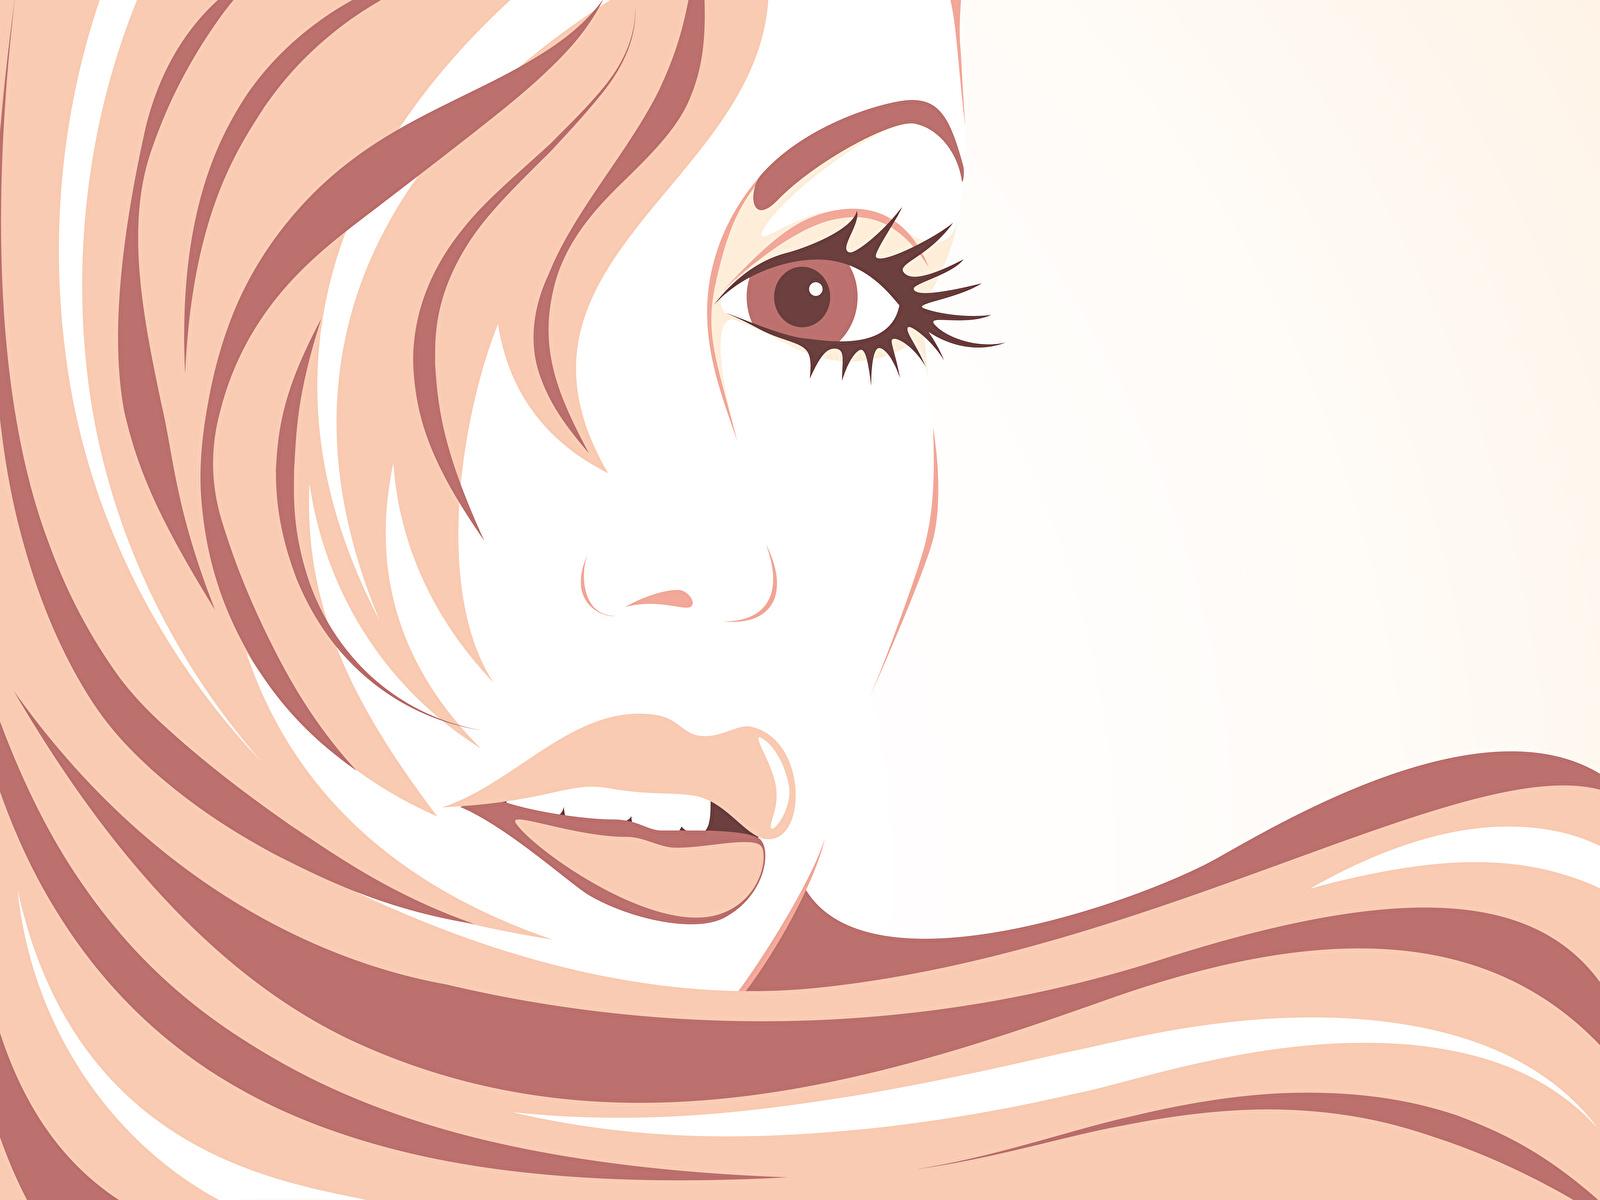 Papeis De Parede 1600x1200 Desenhado Labio Desenho Vetorial Face